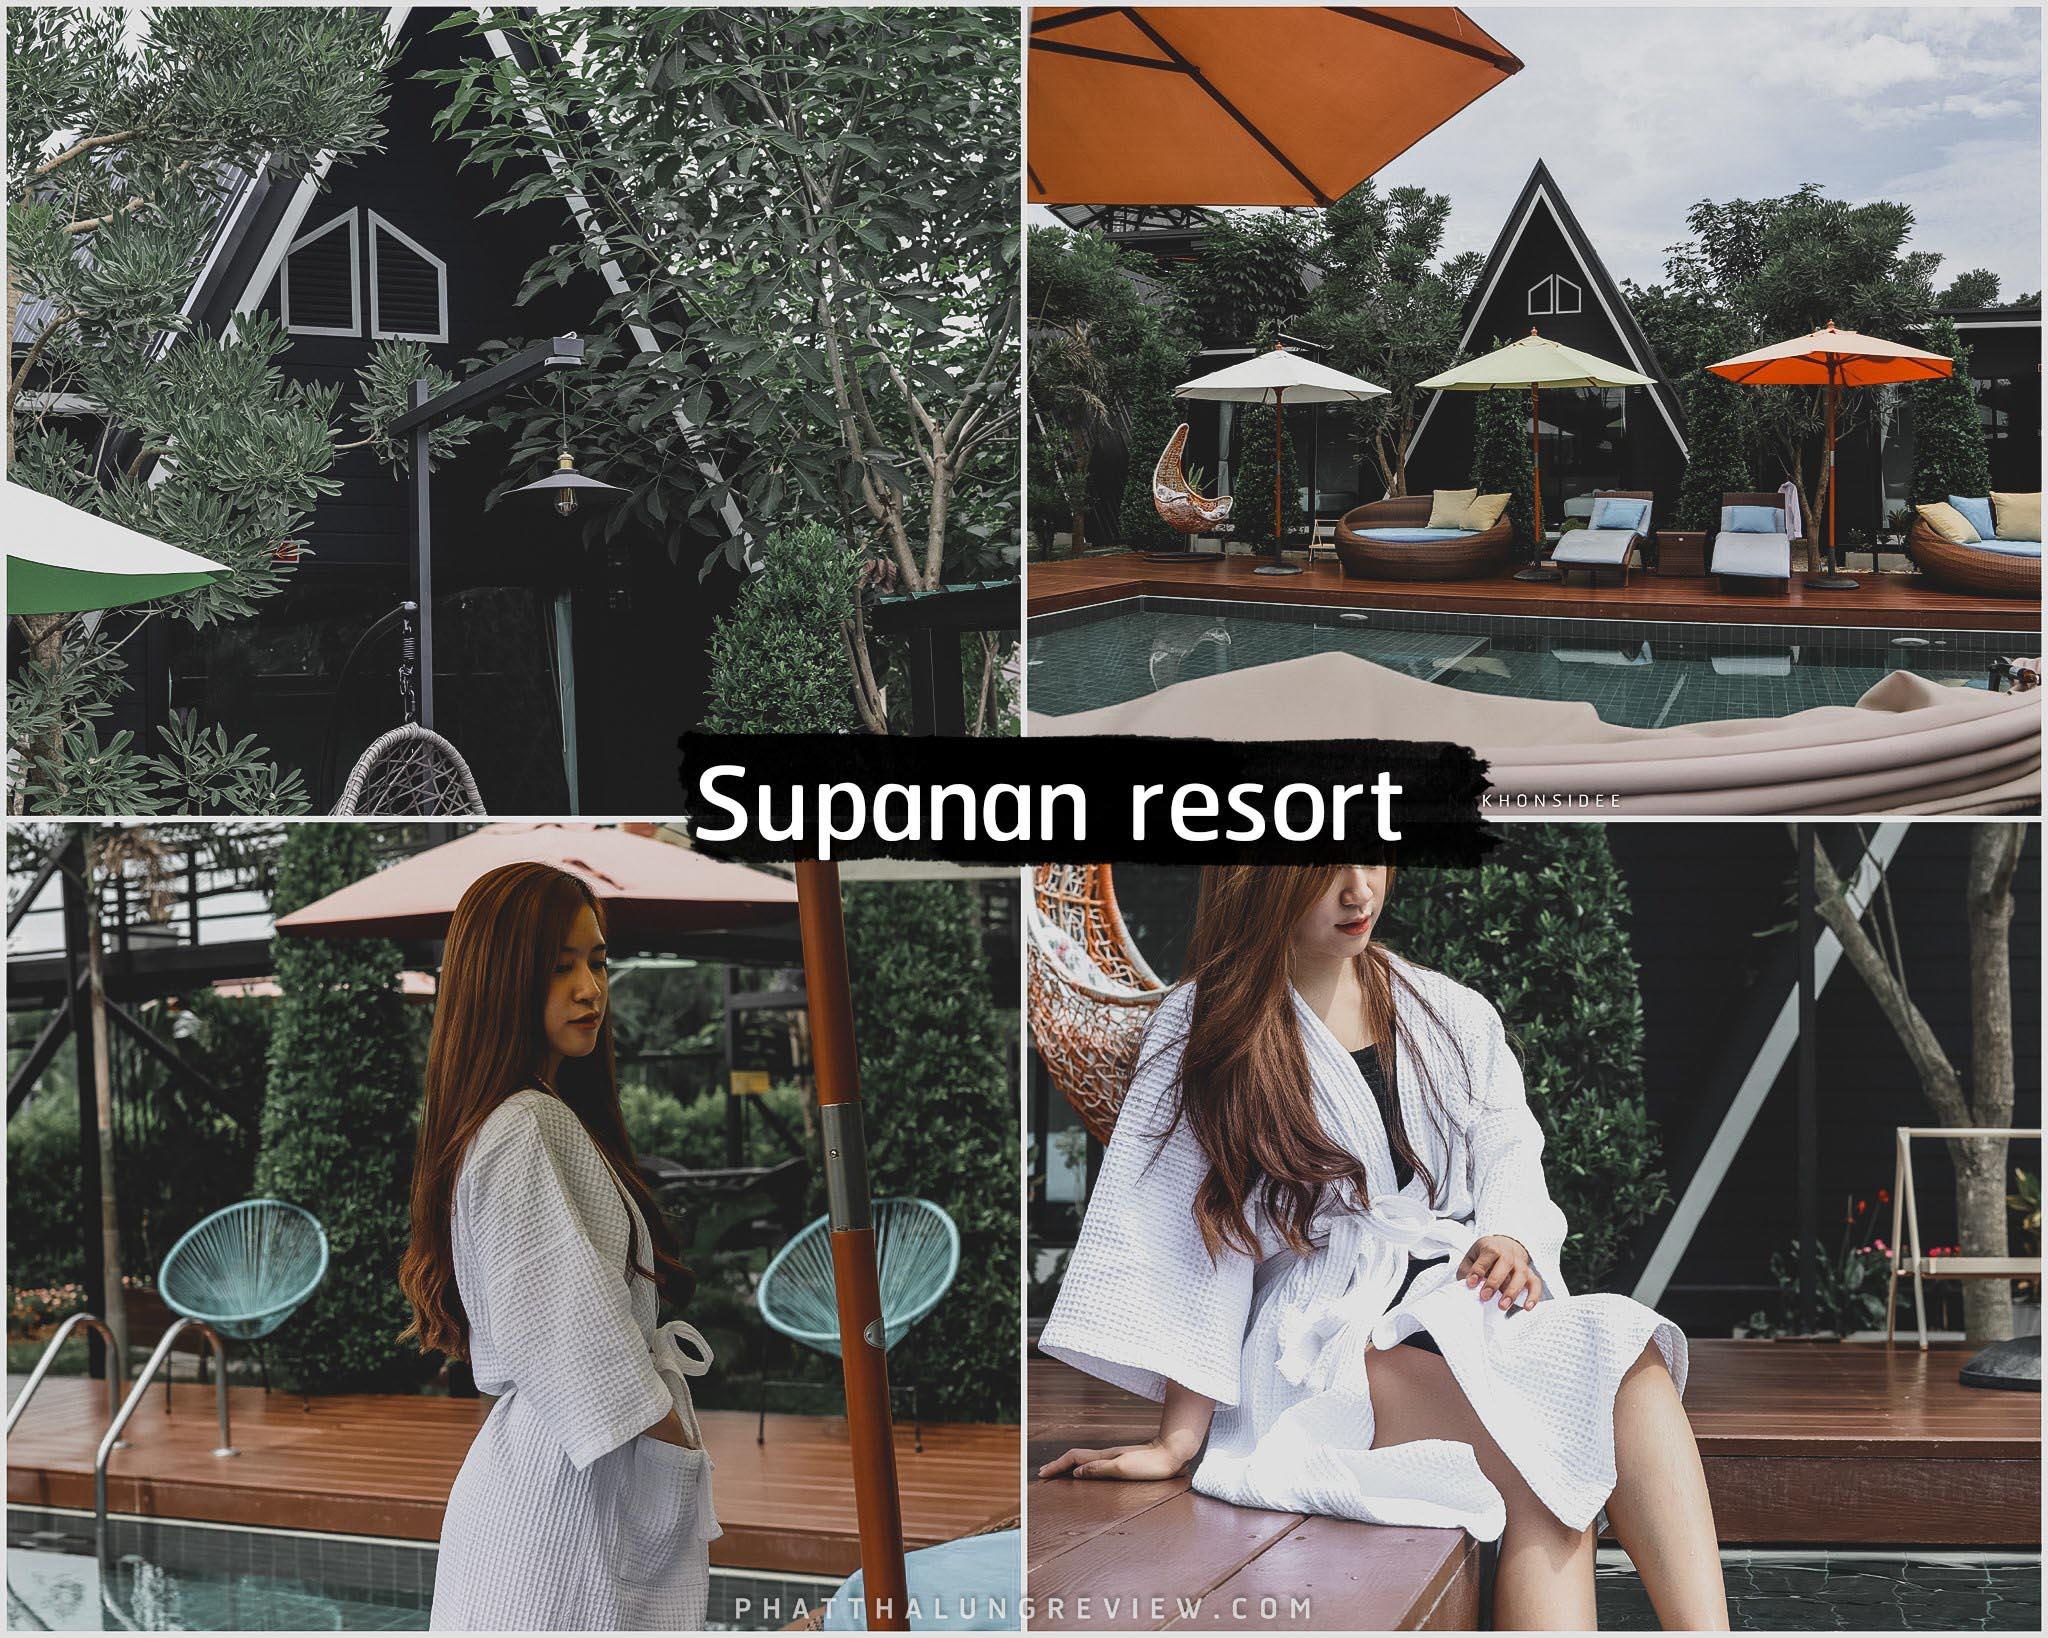 Supanan-resort-สุภานันท์รีสอร์ท-พัทลุง-ที่พักกลางป่าวิวสวย-พร้อมสระว่ายน้ำ คลิกที่นี่ พัทลุง,ที่เที่ยว,จุดเช็คอิน,คาเฟ่,ของกิน,ที่พัก,รีสอร์ท